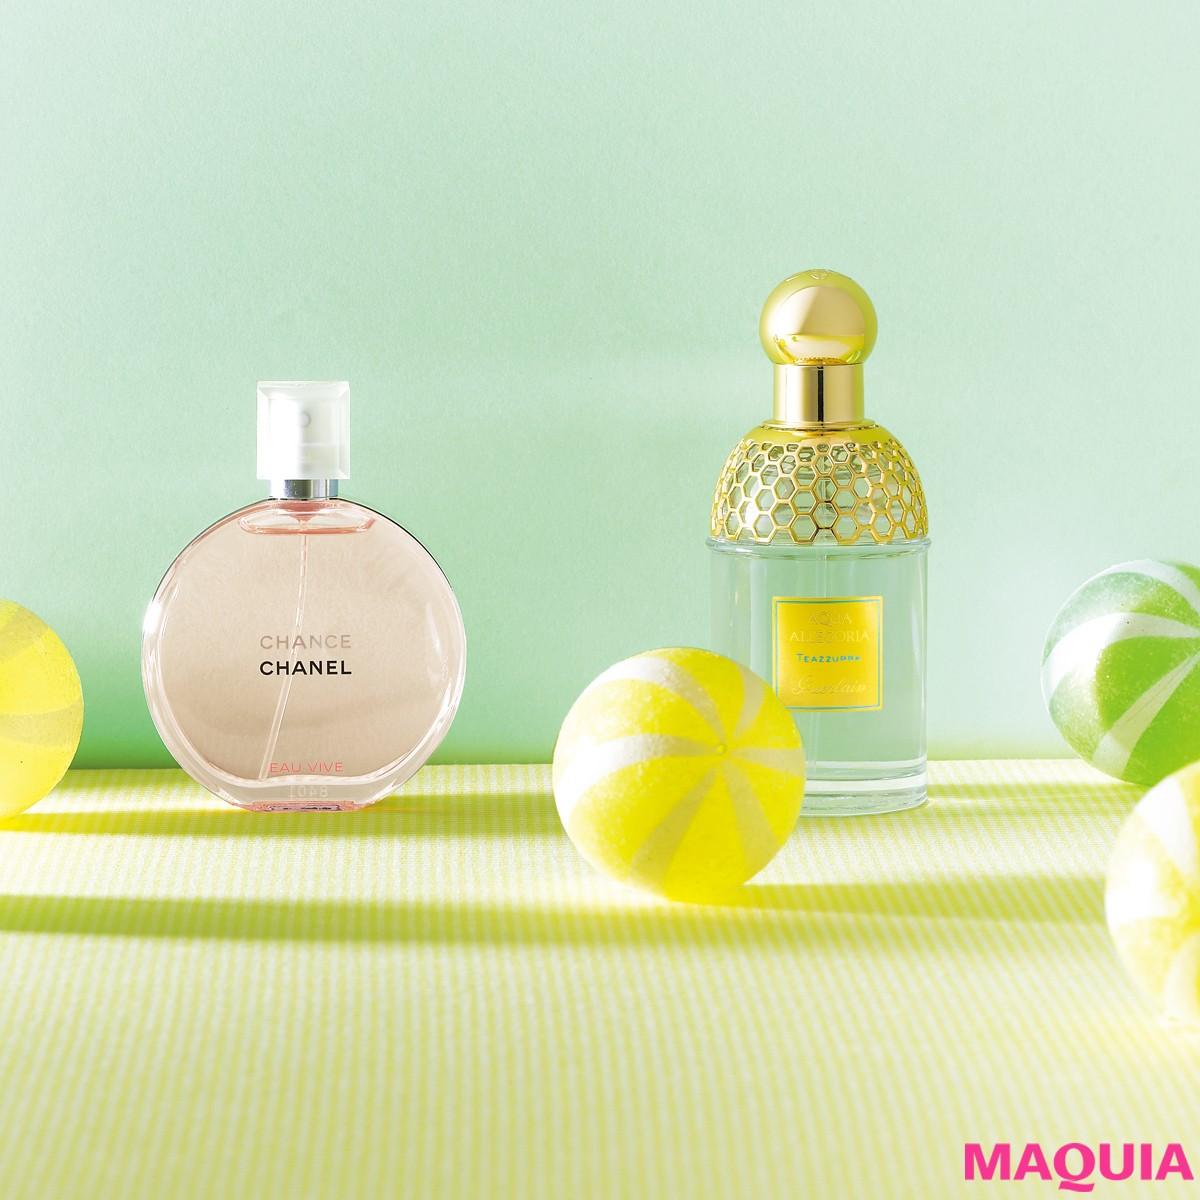 今年のナツコイに寄り添う香りは? 夏目前、恋の色仕掛けをスタンバイ♡